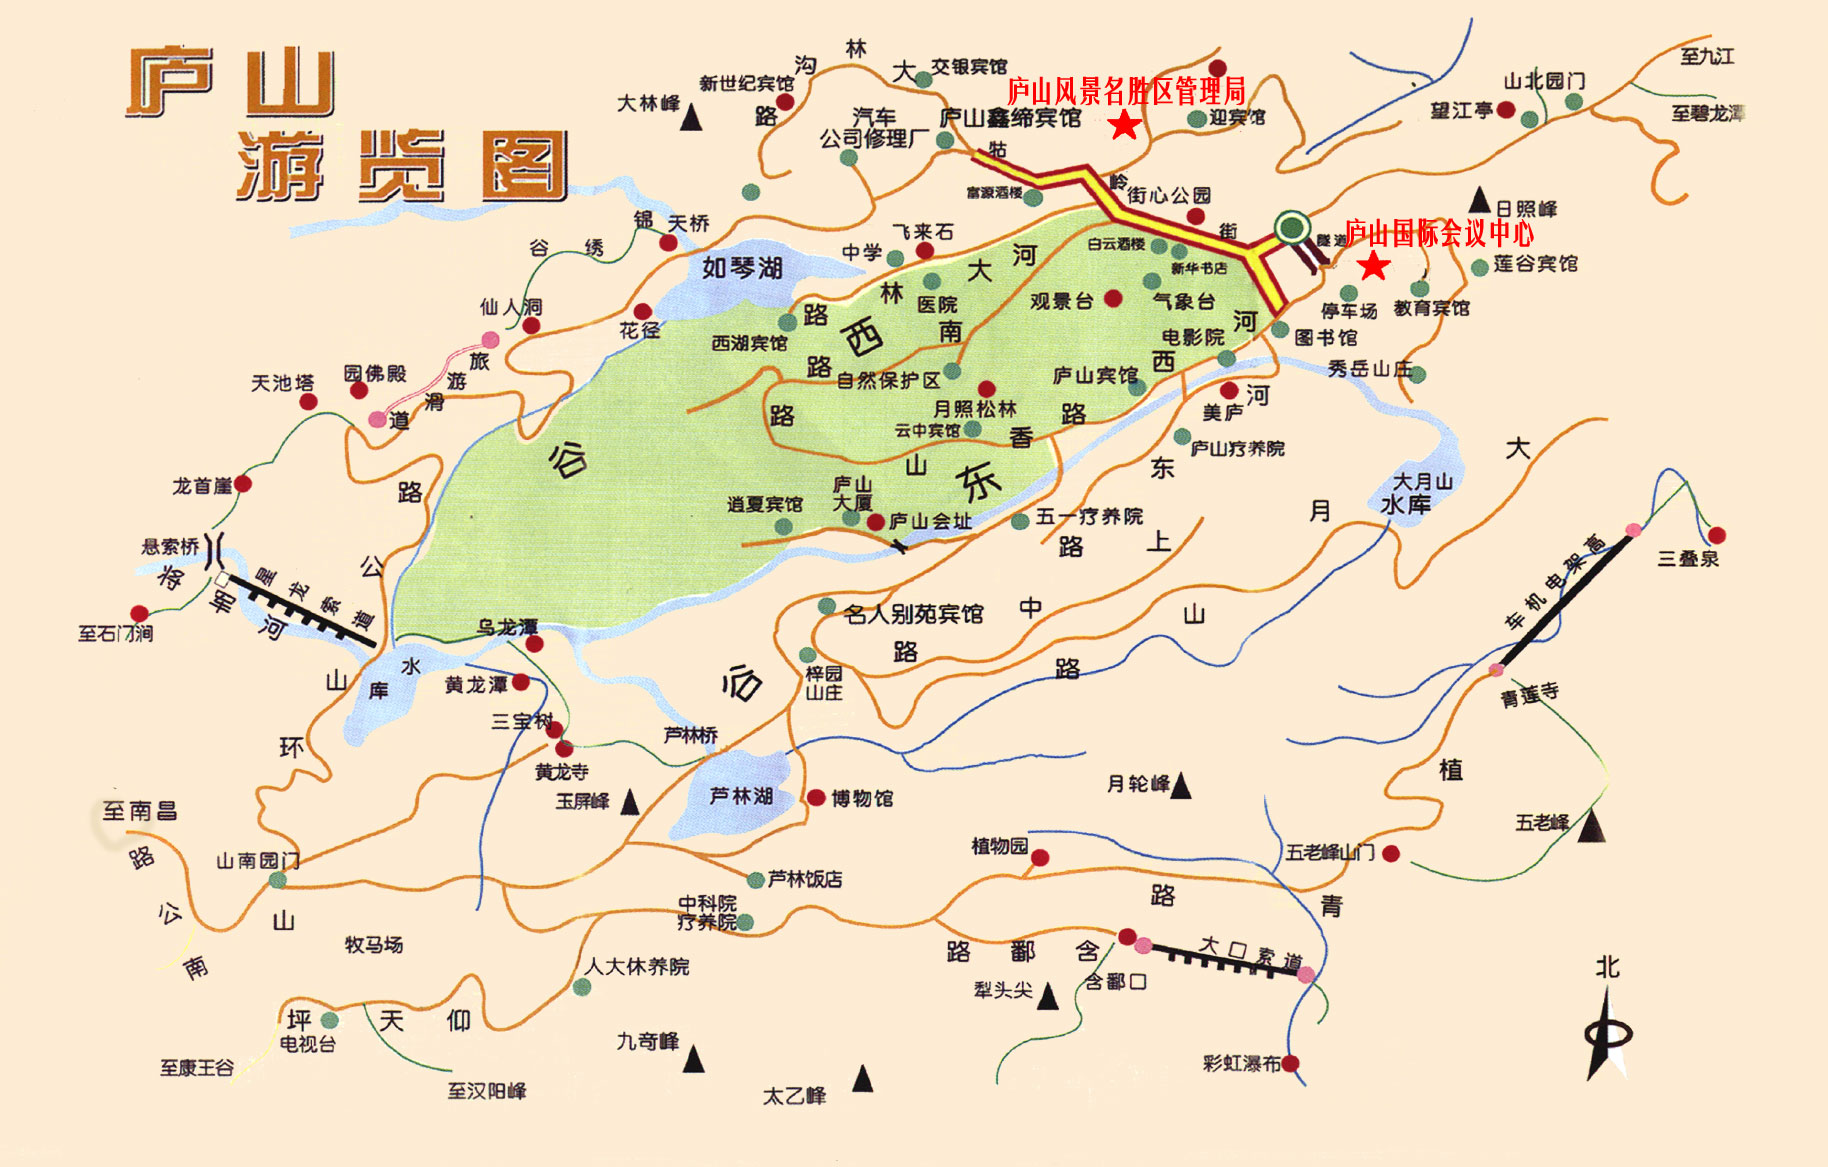 江西省庐山市地图